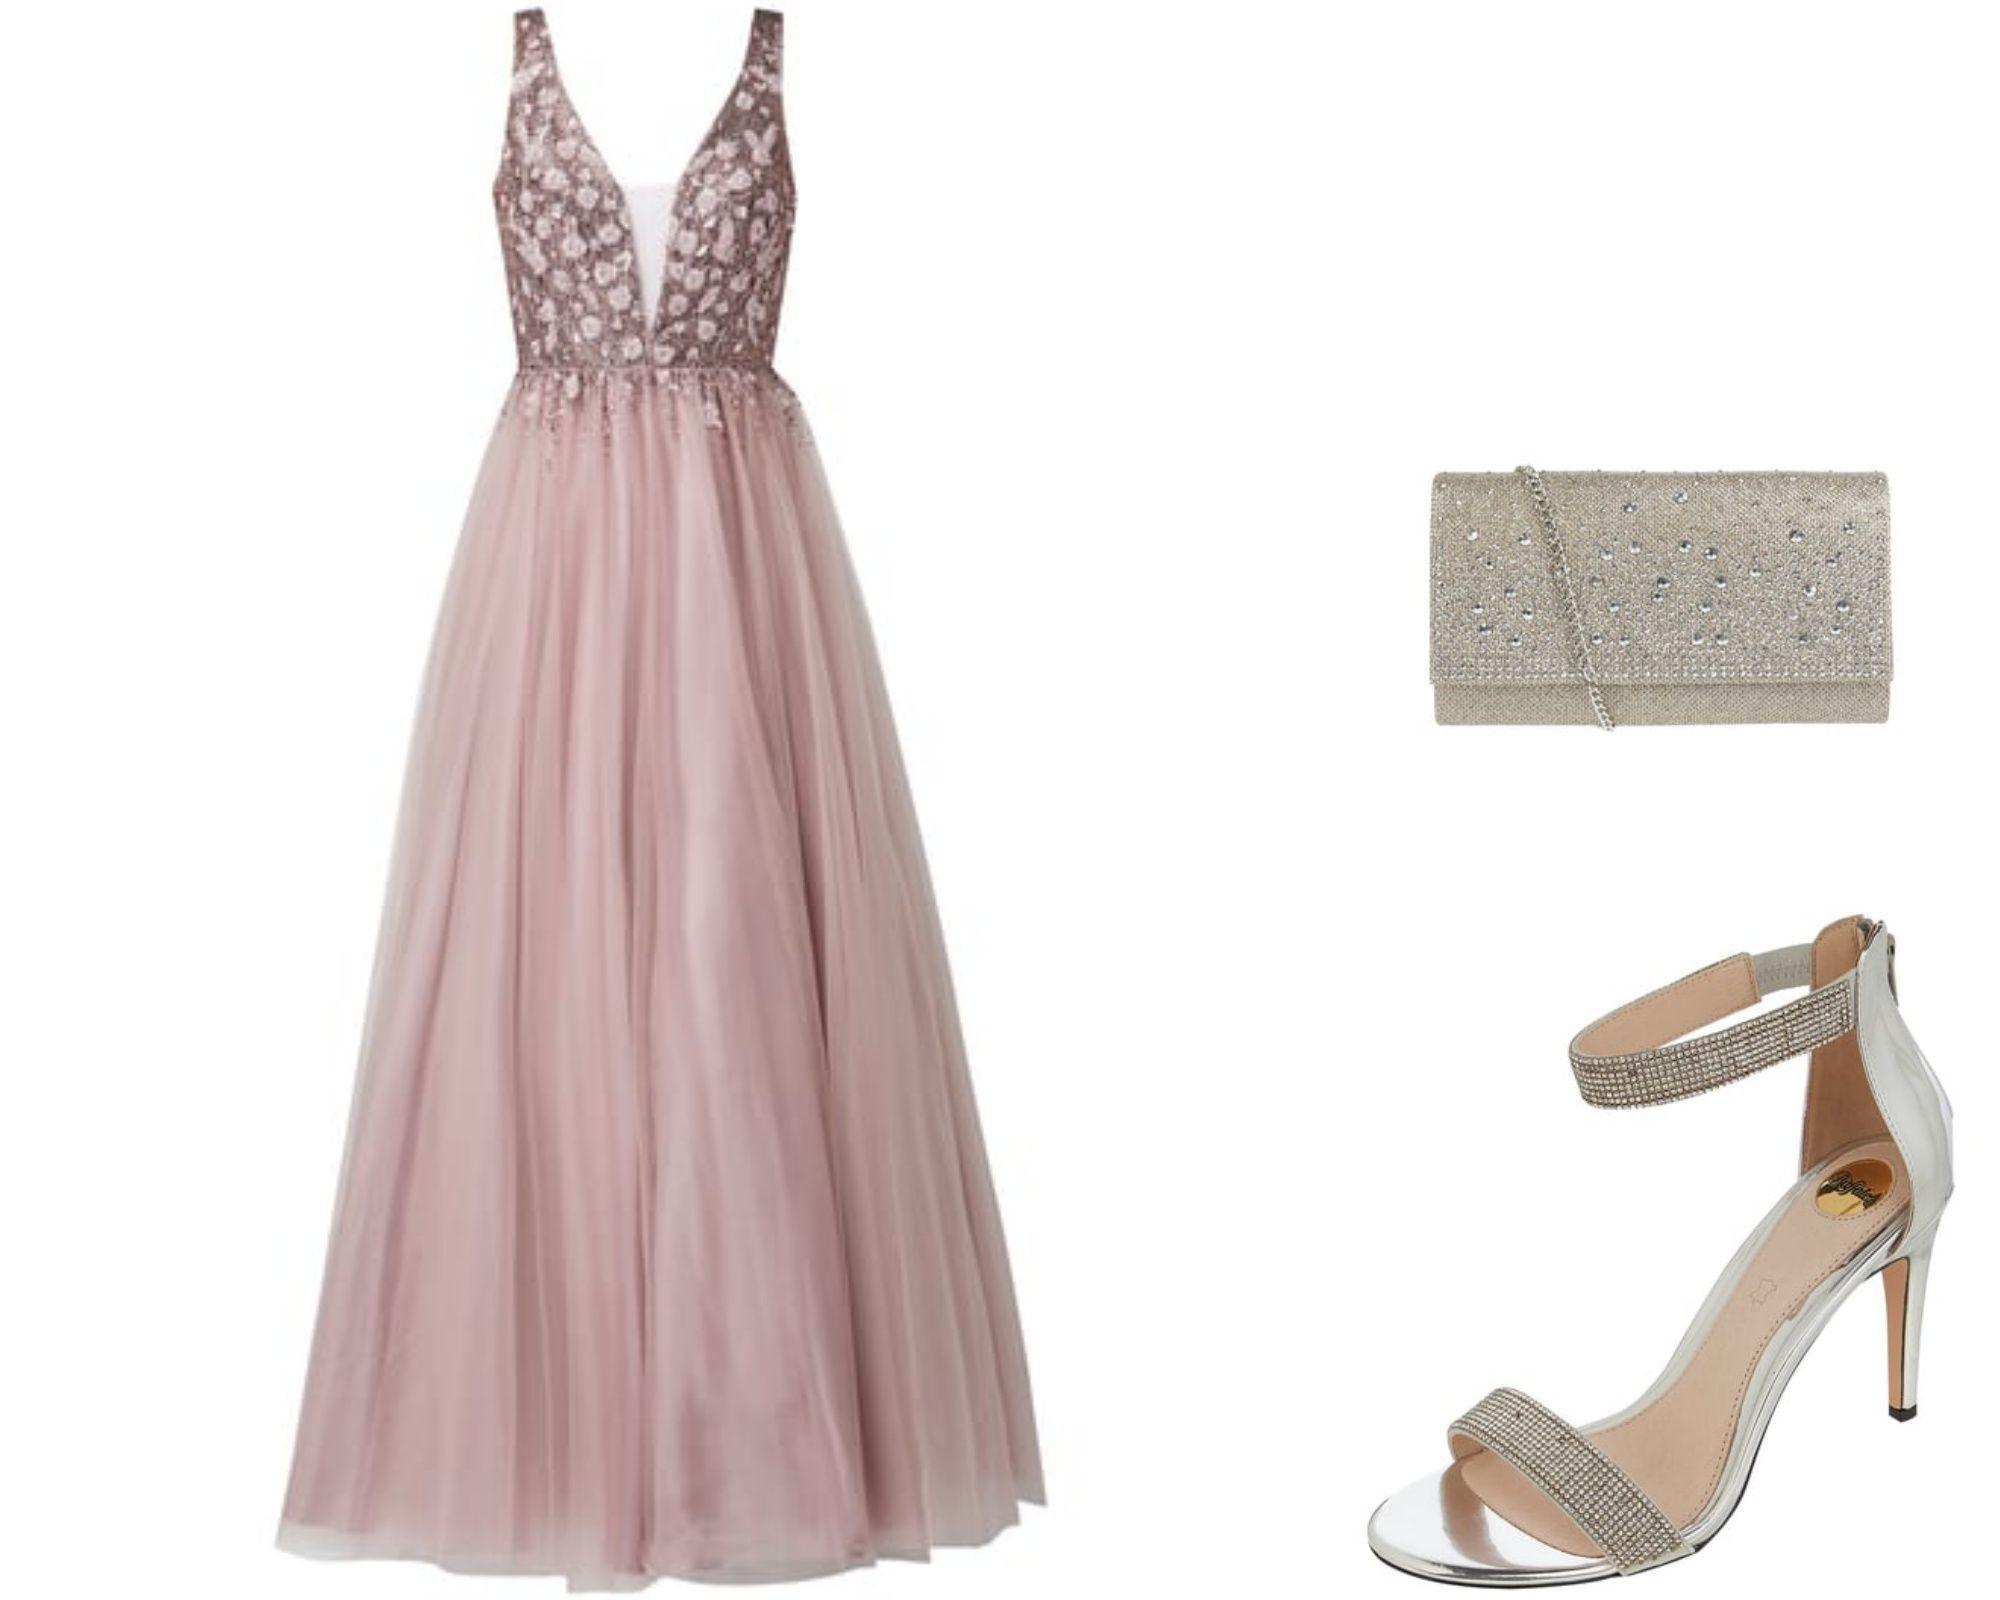 rosa-Kleid, Tüllkleid, Kleid-Hochzeitsgast, Ballkleid ...